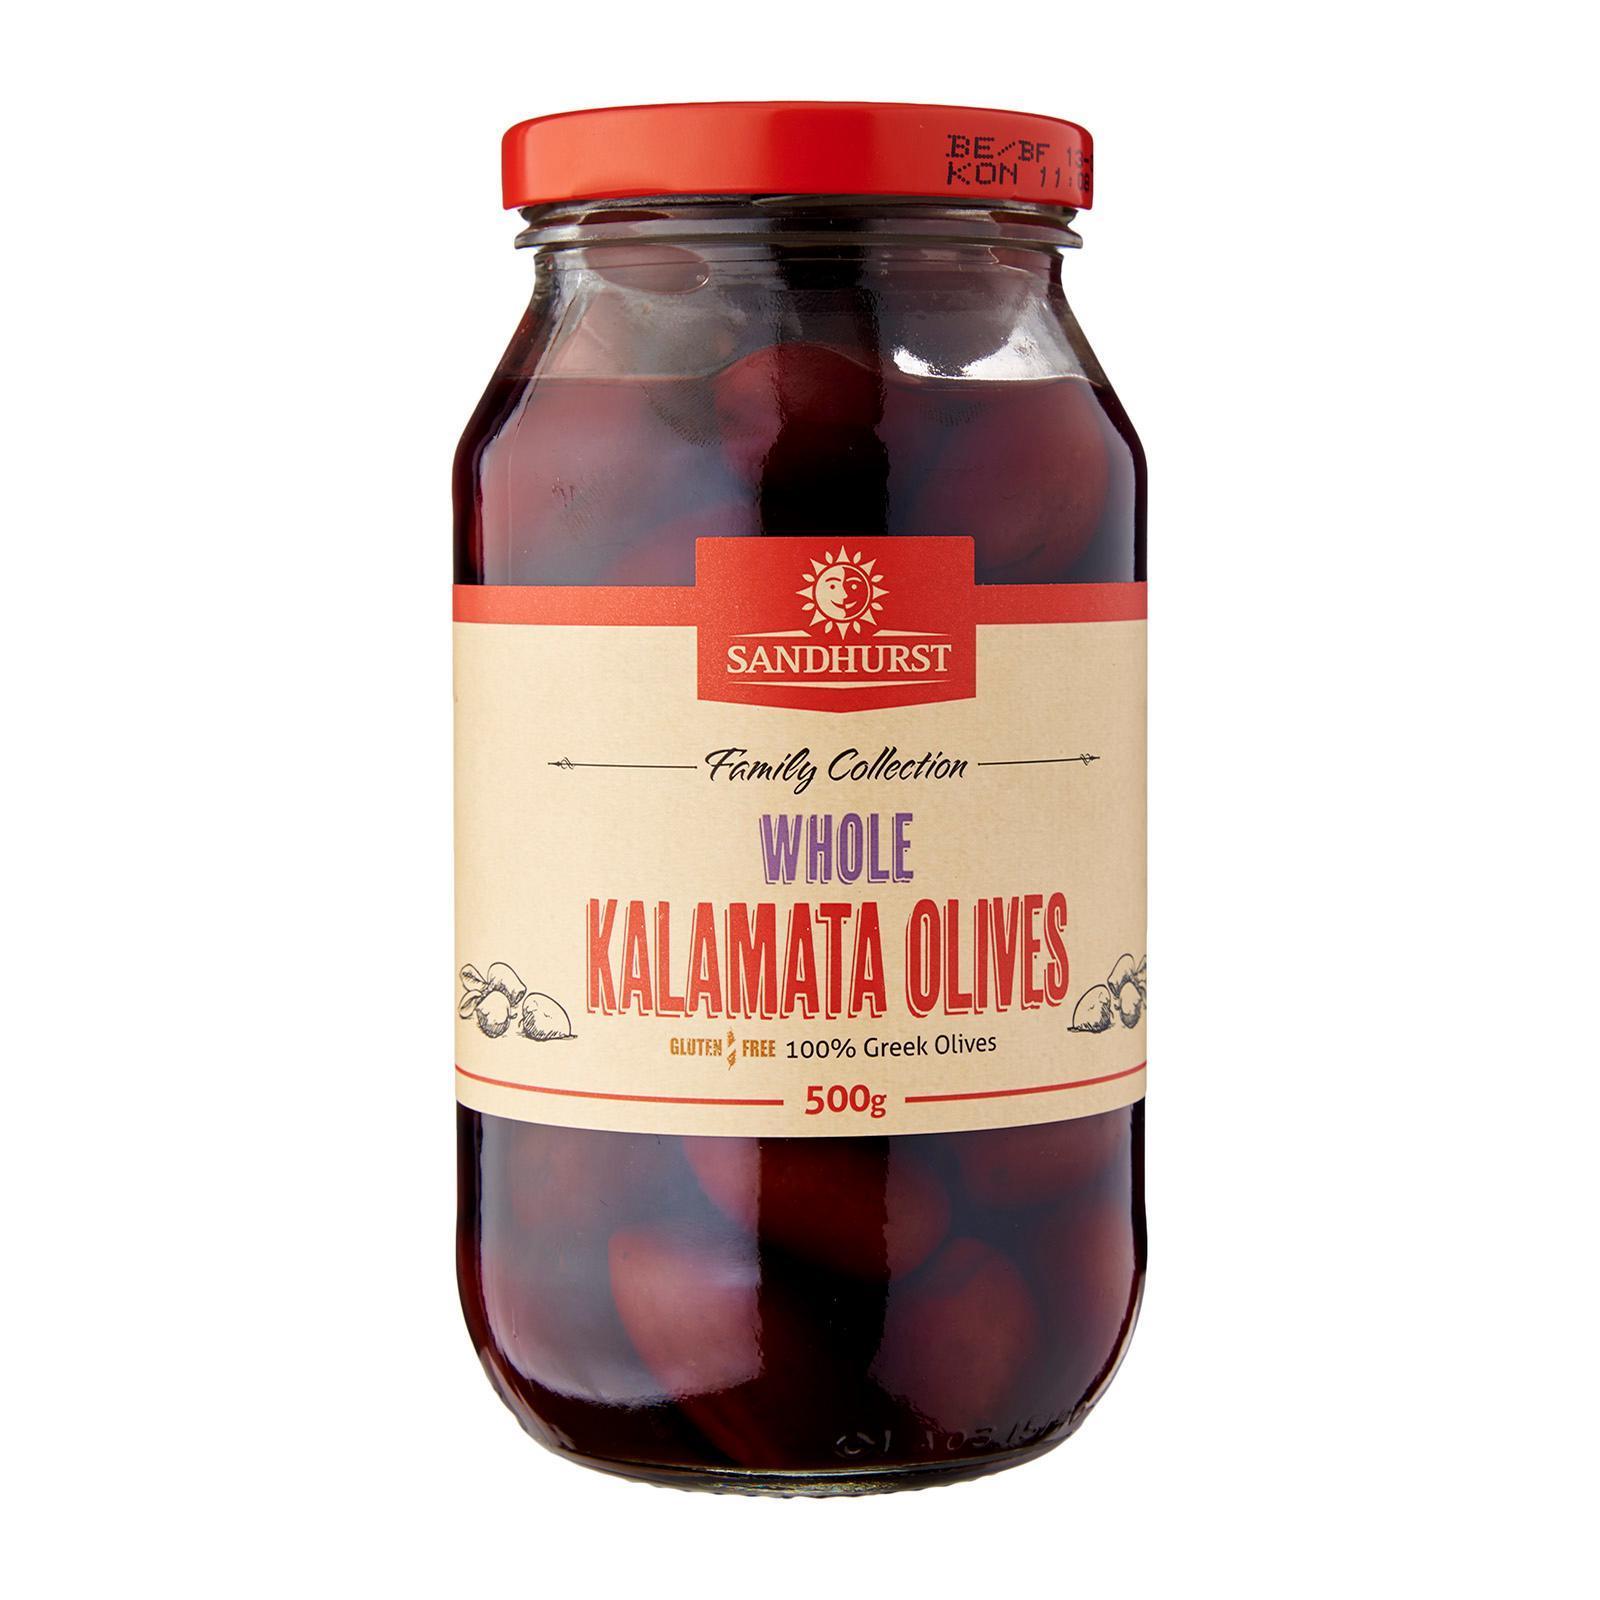 Sandhurst Whole Kalamata Olives